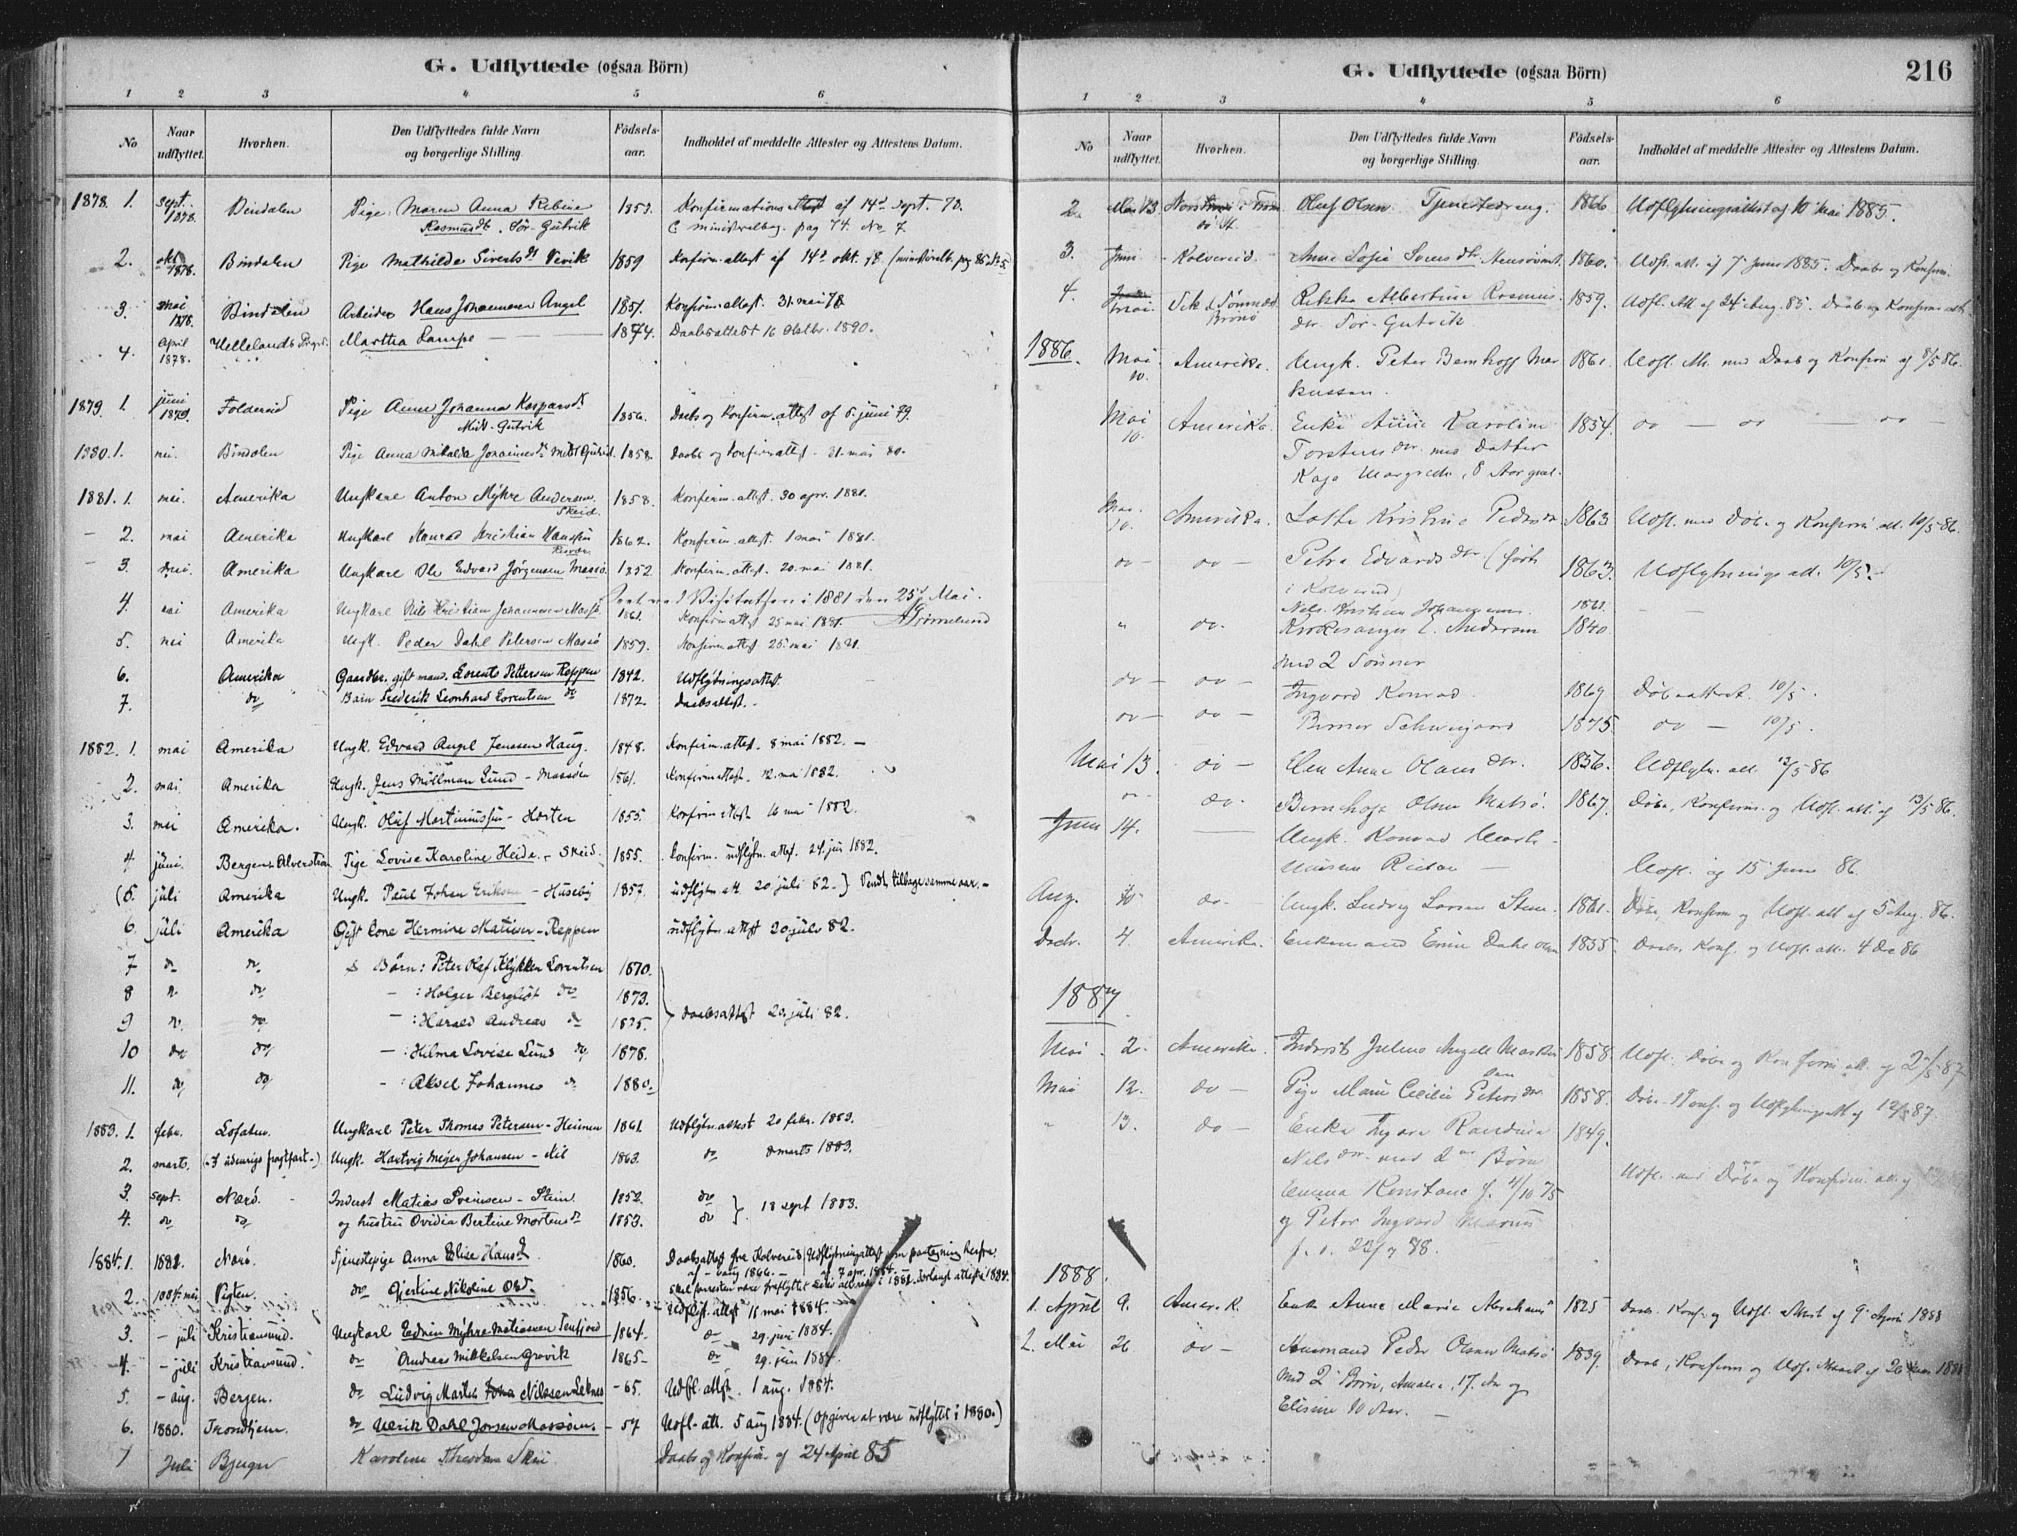 SAT, Ministerialprotokoller, klokkerbøker og fødselsregistre - Nord-Trøndelag, 788/L0697: Ministerialbok nr. 788A04, 1878-1902, s. 216